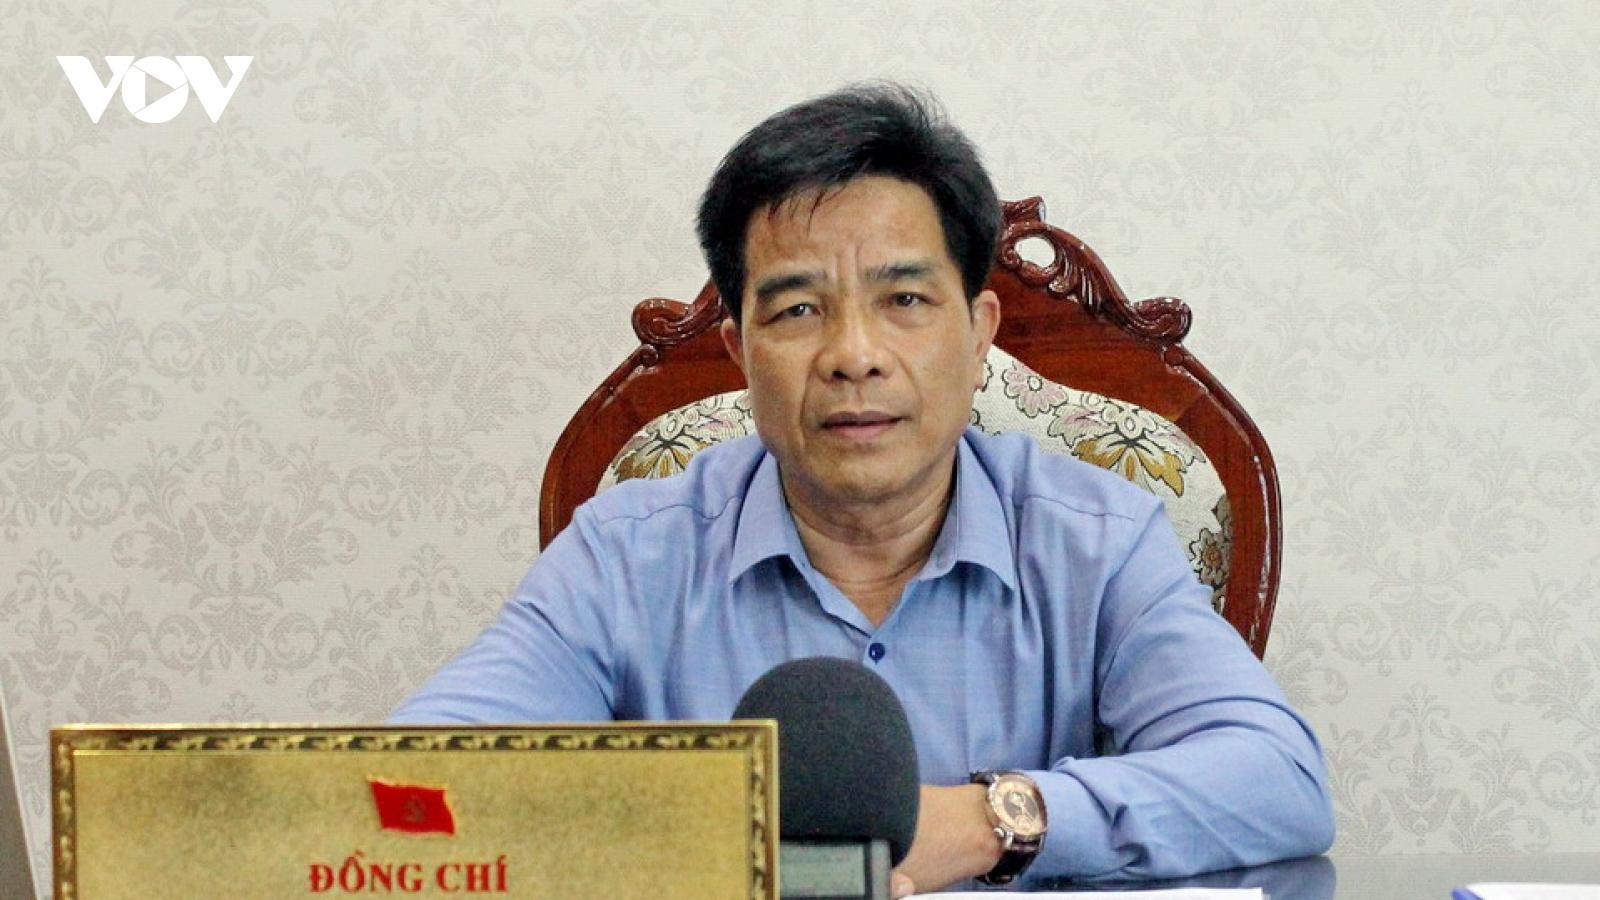 Phó Bí thư Tỉnh ủy Quảng Nam: Mong Đại hội XIII có những quyết sách để phát triển miền núi